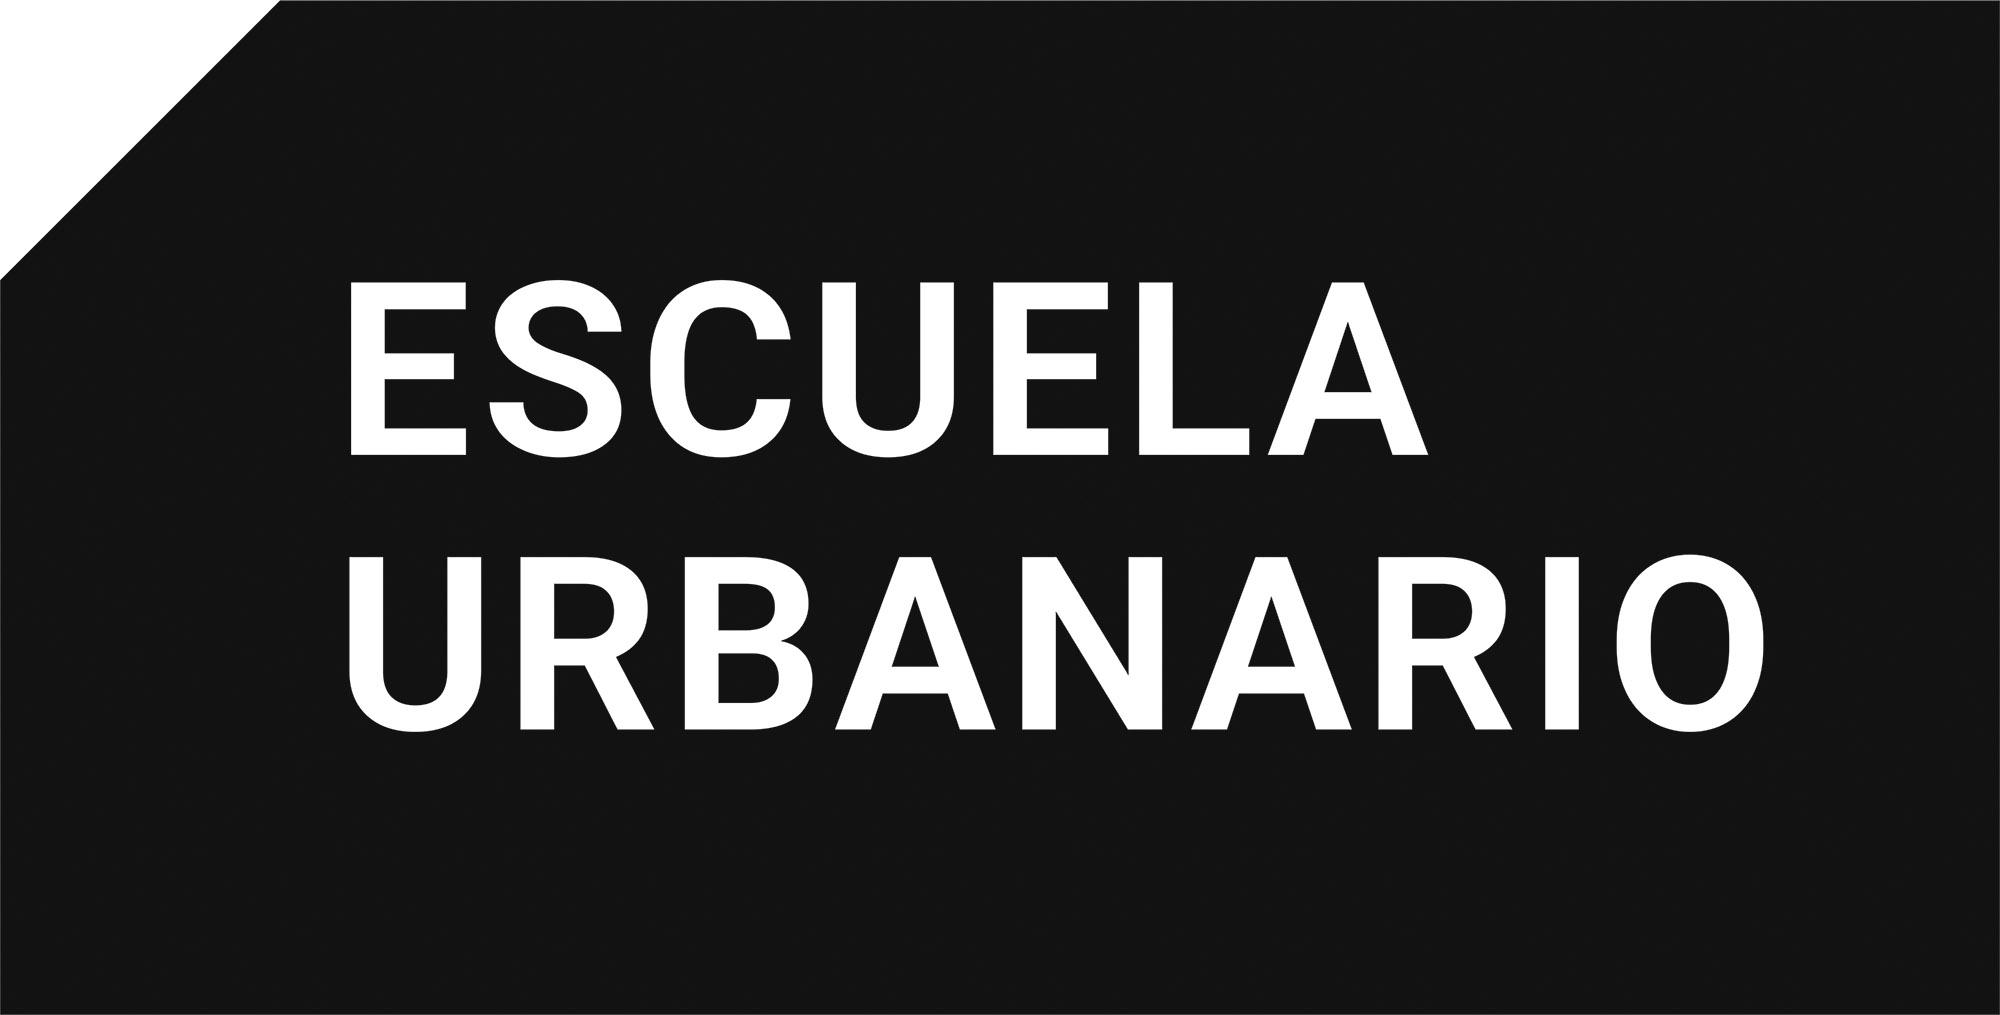 Escuela Urbanario logo